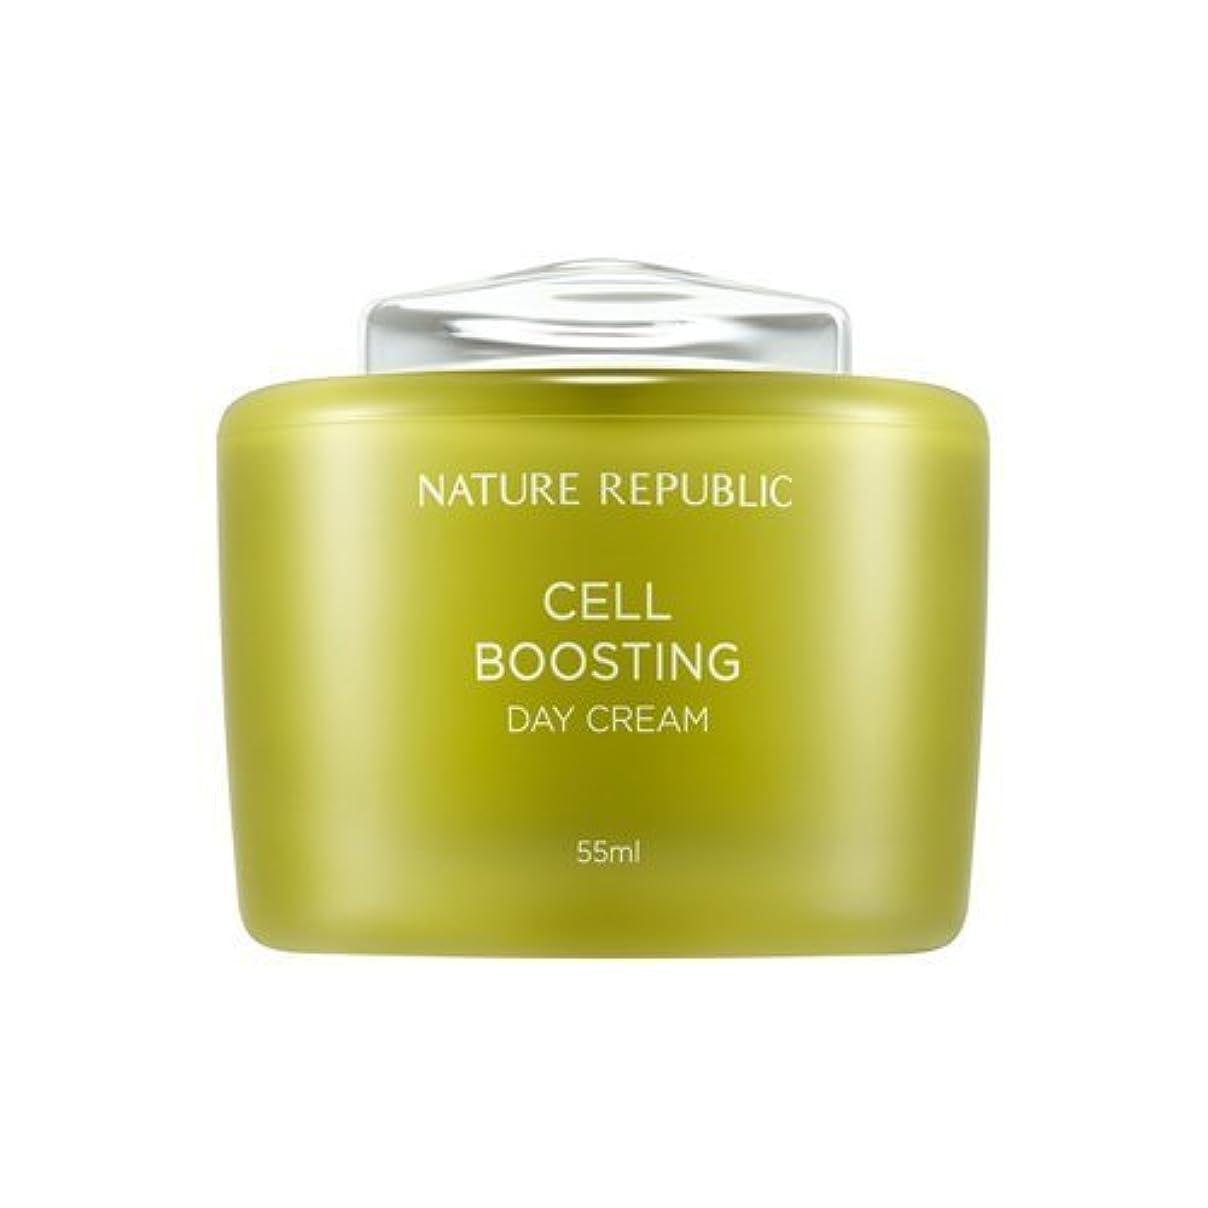 ティッシュほぼハイキングに行くNATUREREPUBLIC Cell boosting Day Cream